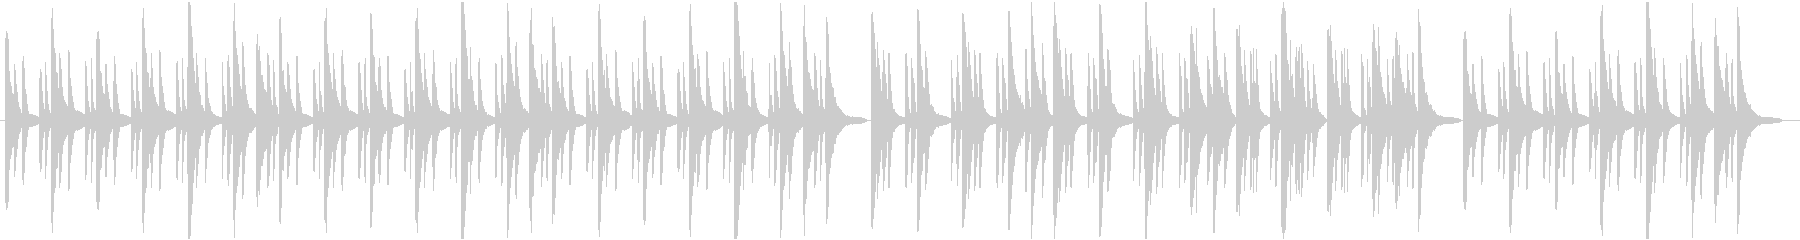 ピアノとベルで奏でるヒーリングBGMの未再生の波形